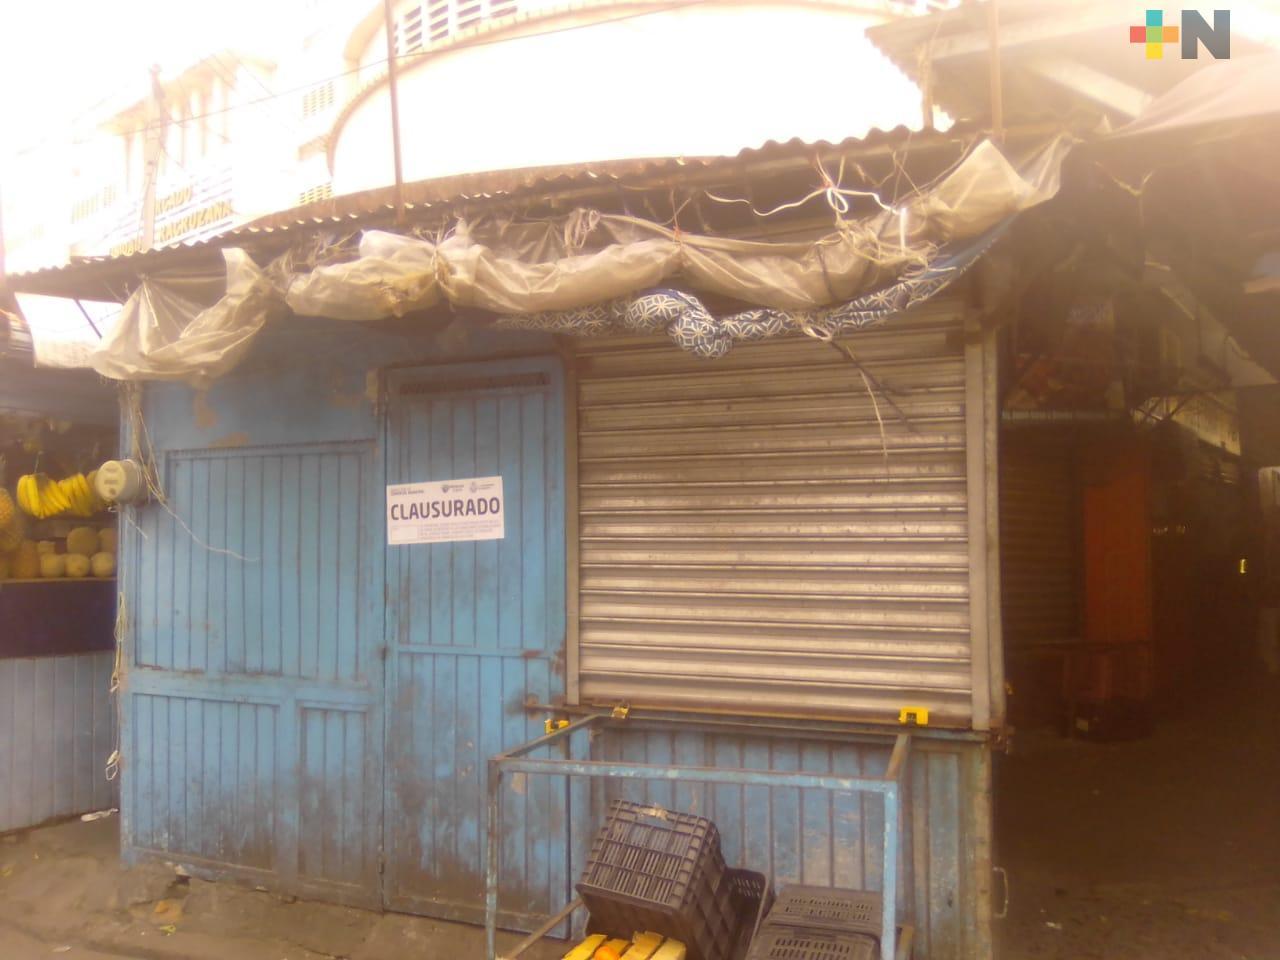 Trabajador se negó a usar cubrebocas y autoridades clausuraron su local en  mercado de Veracruz